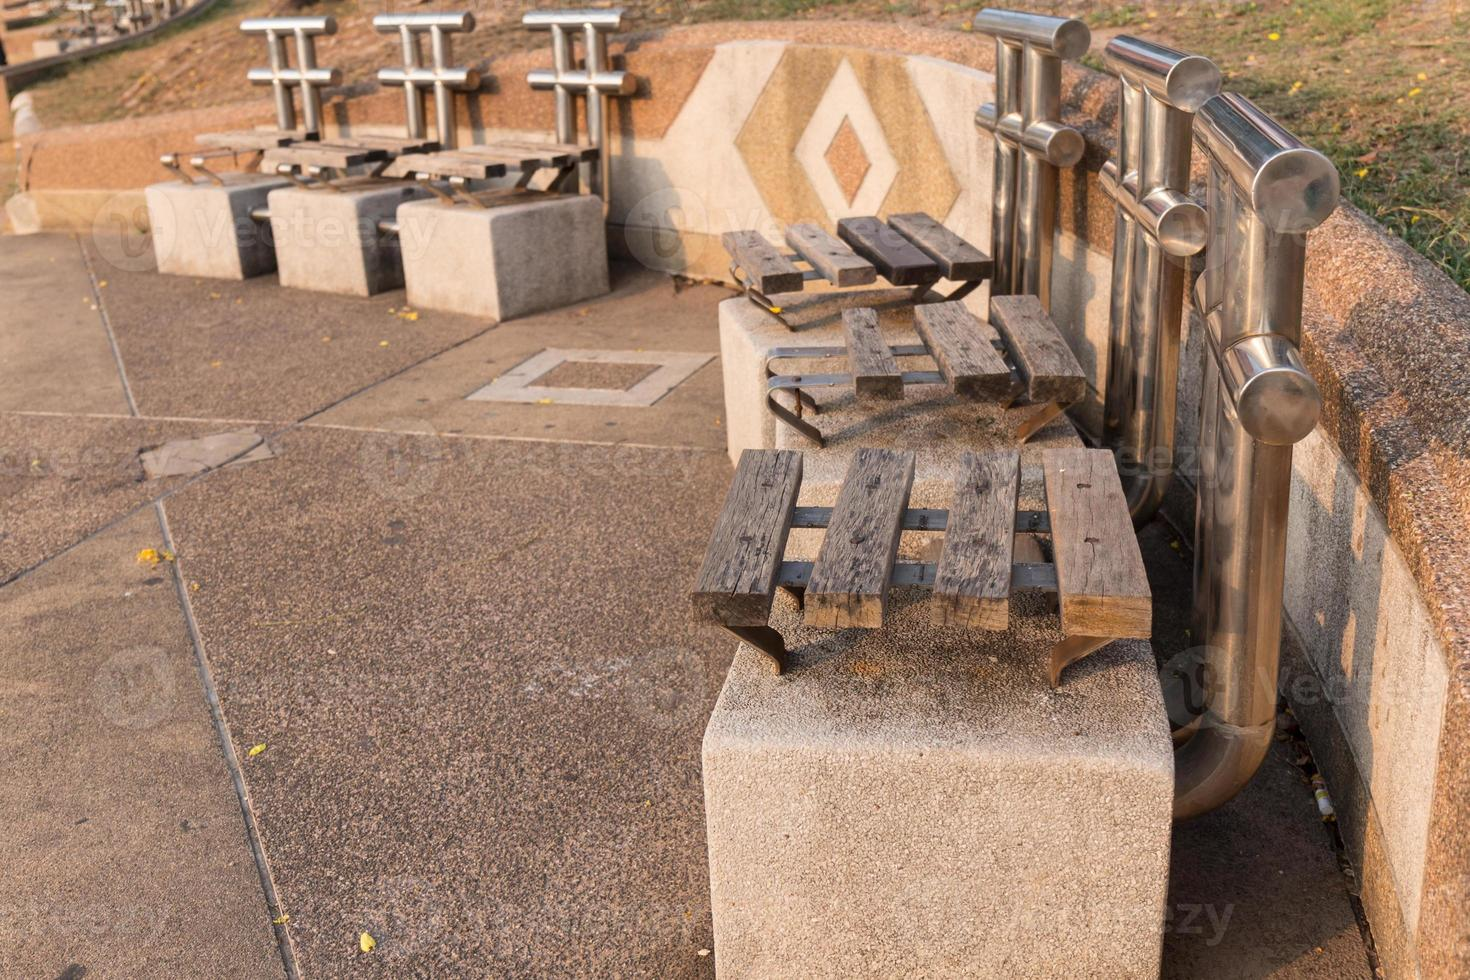 vieille chaise en bois dans le parc photo